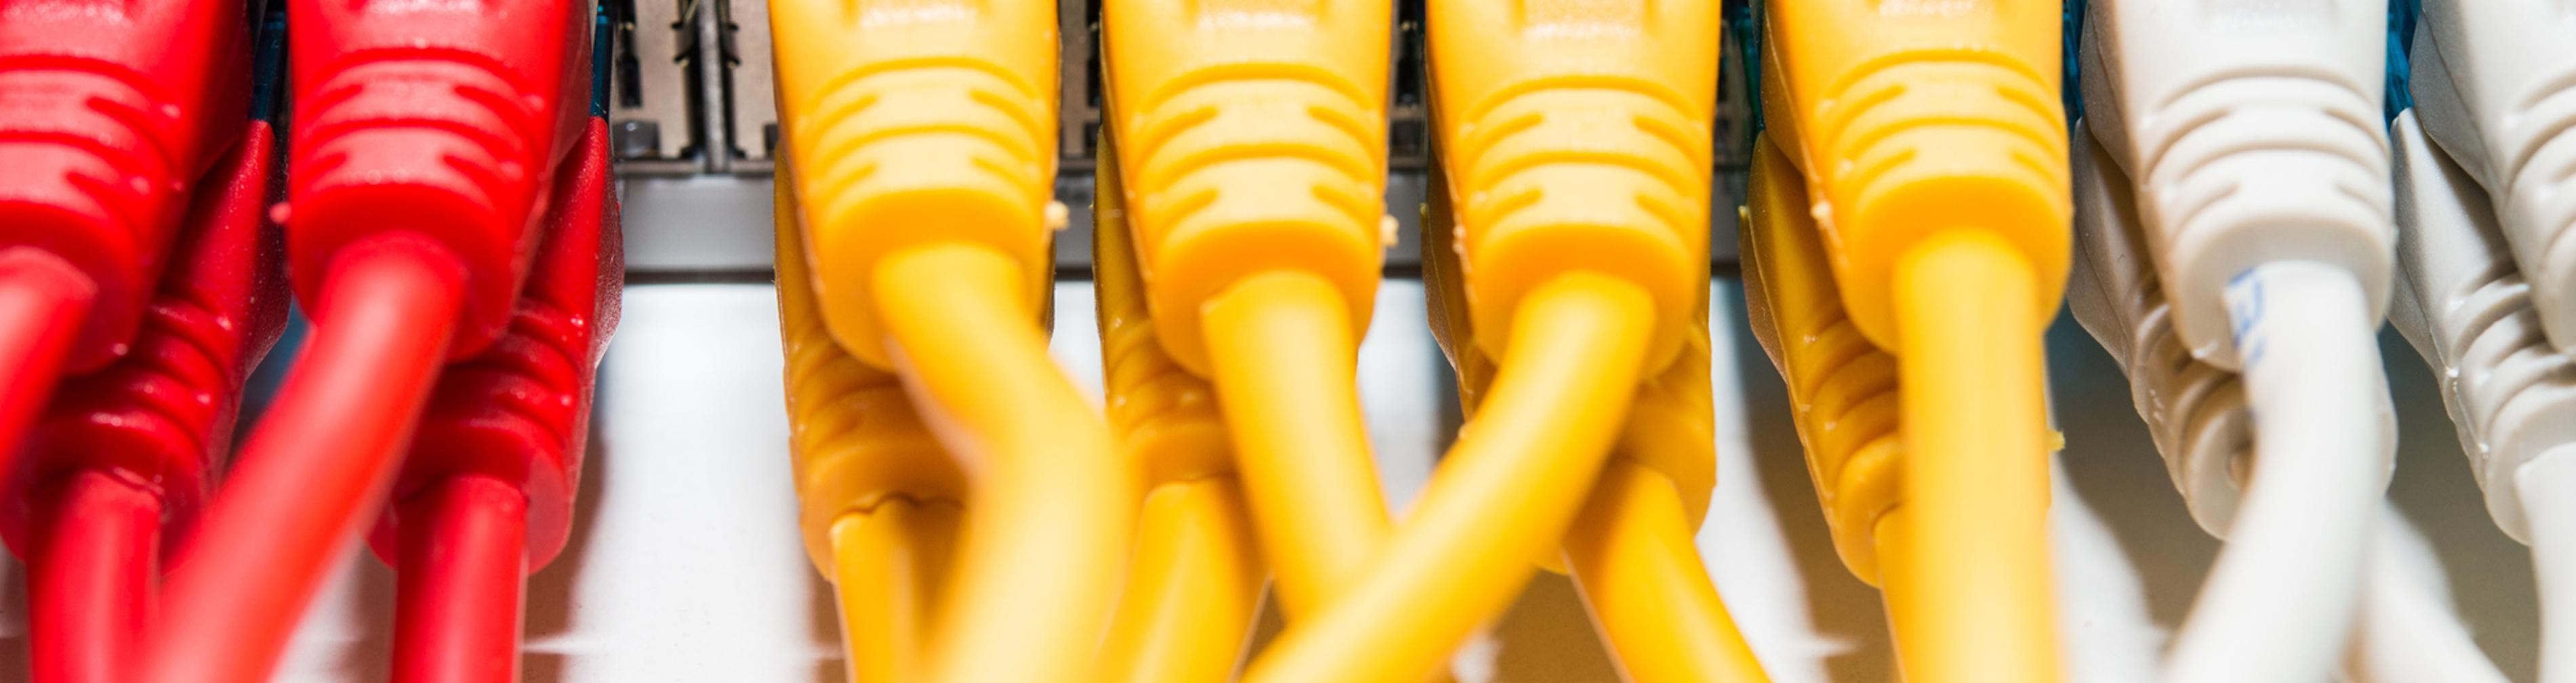 Endgeräteverkabelung mit Kabel der Kategorie 8, sinnvoll?